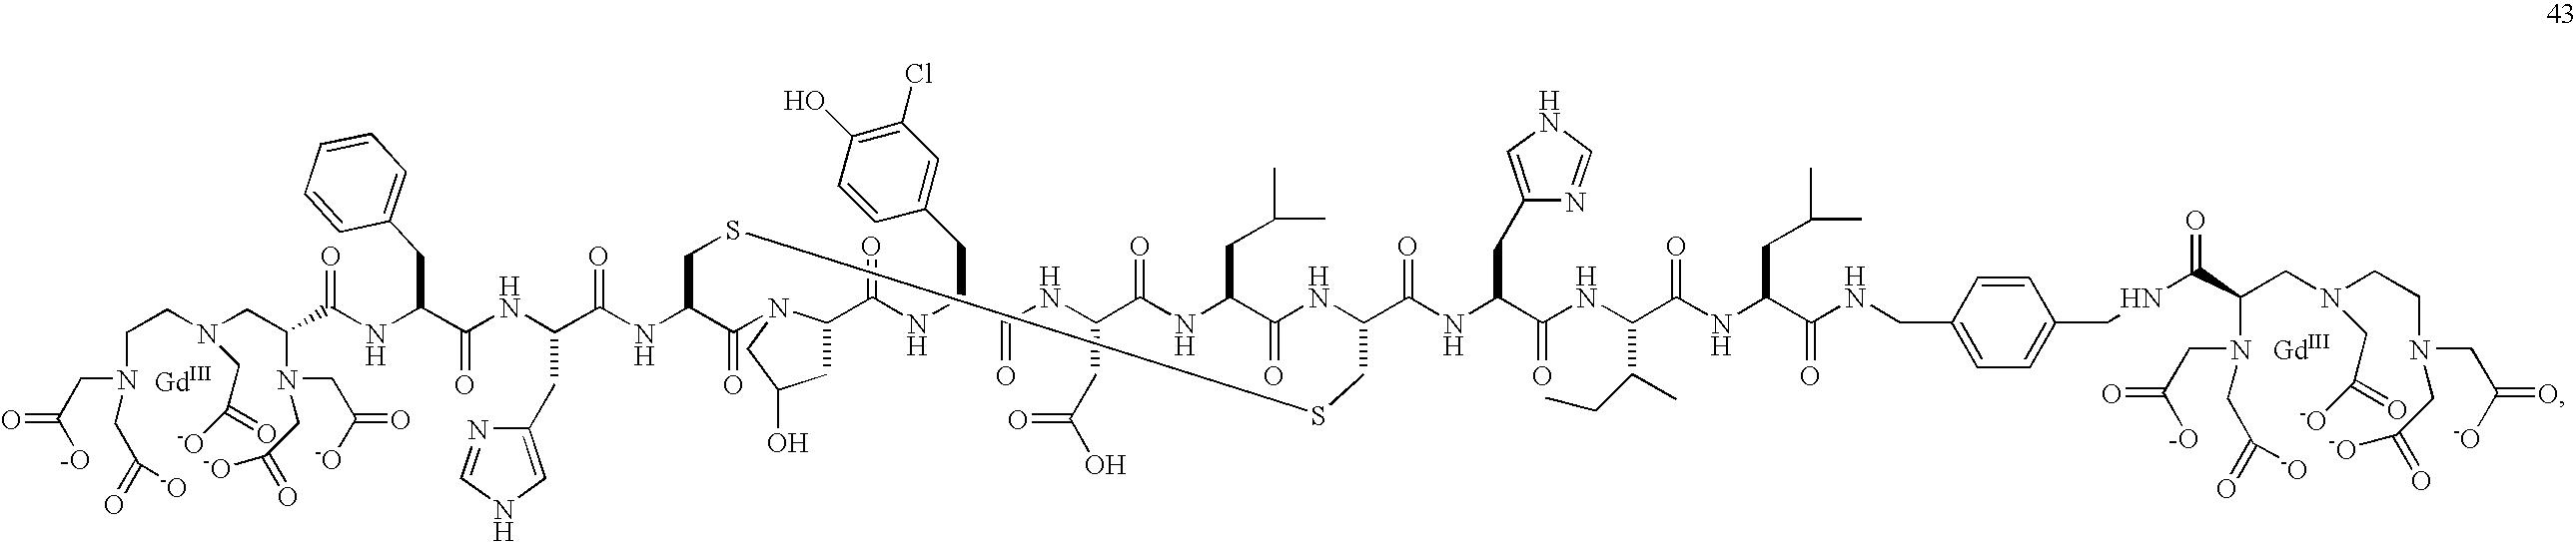 Figure US20030180222A1-20030925-C00098